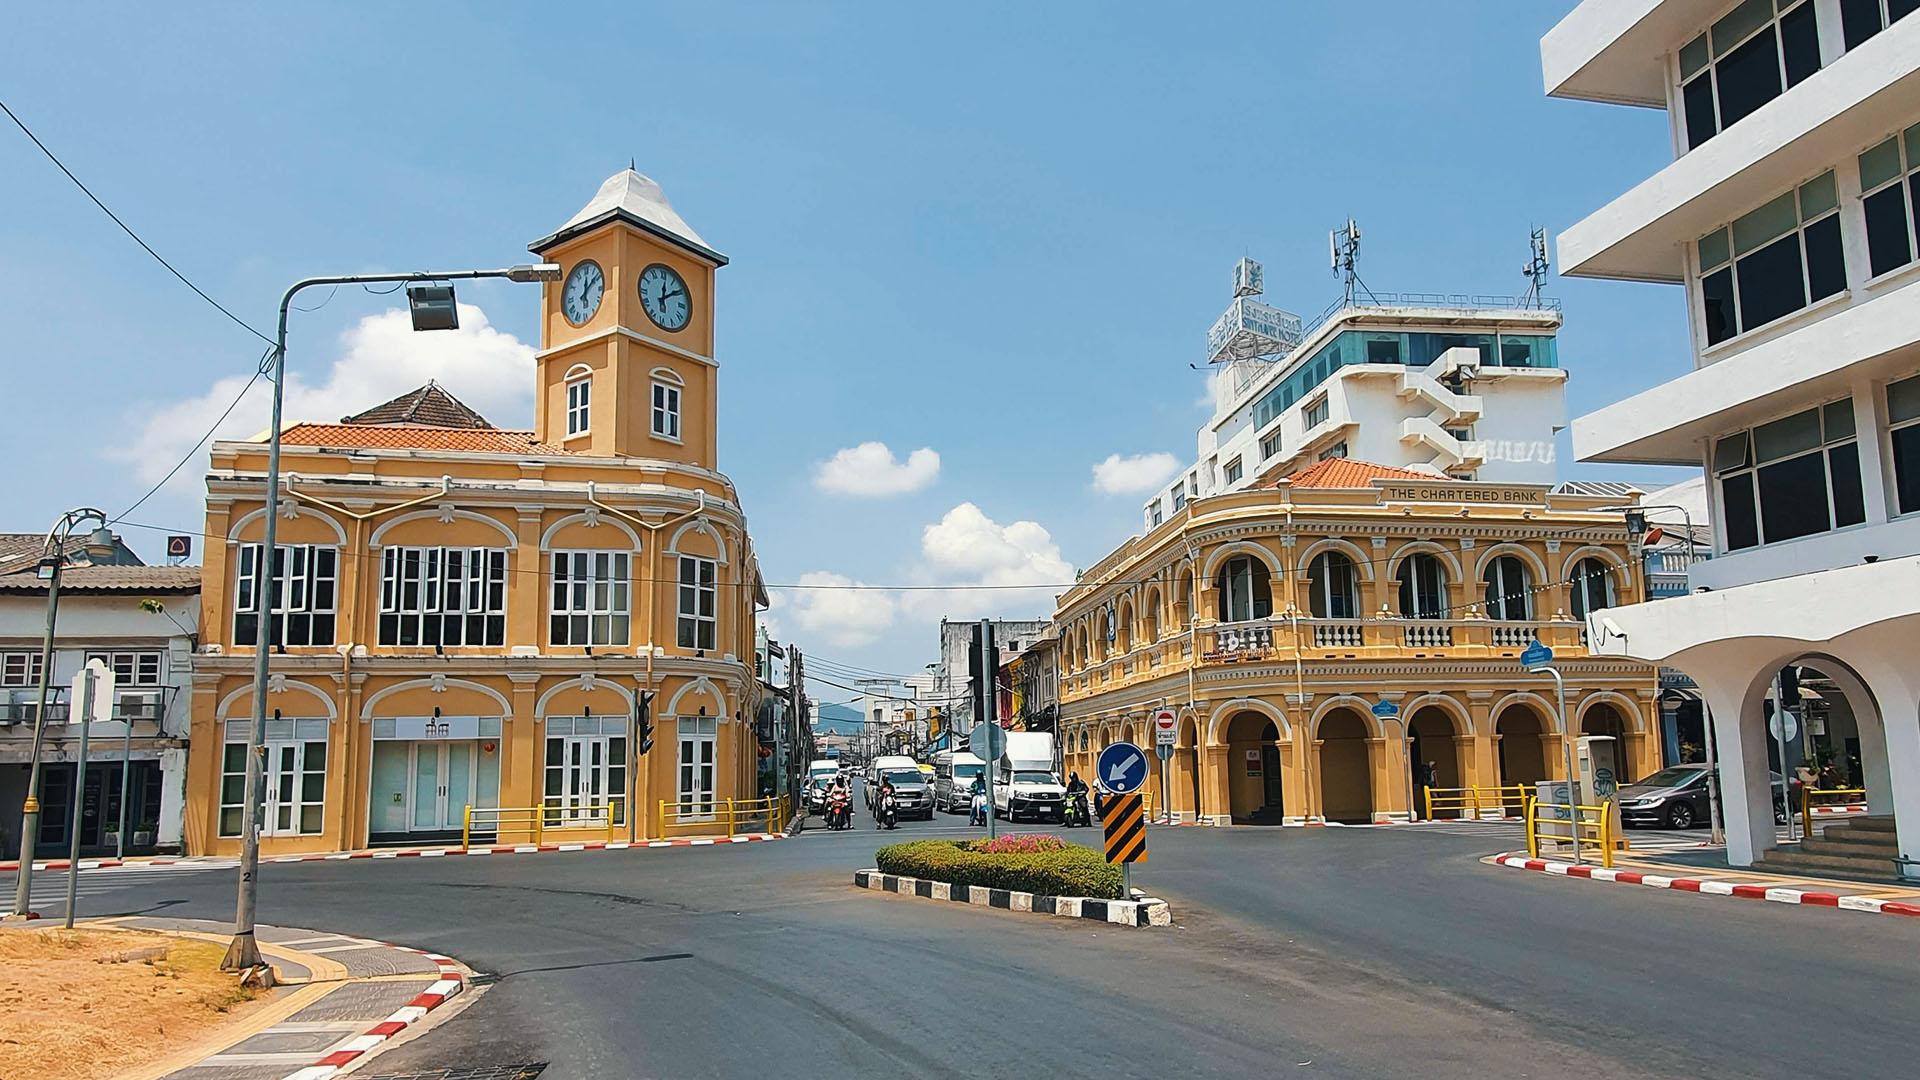 Promthep Clock Tower Phuket